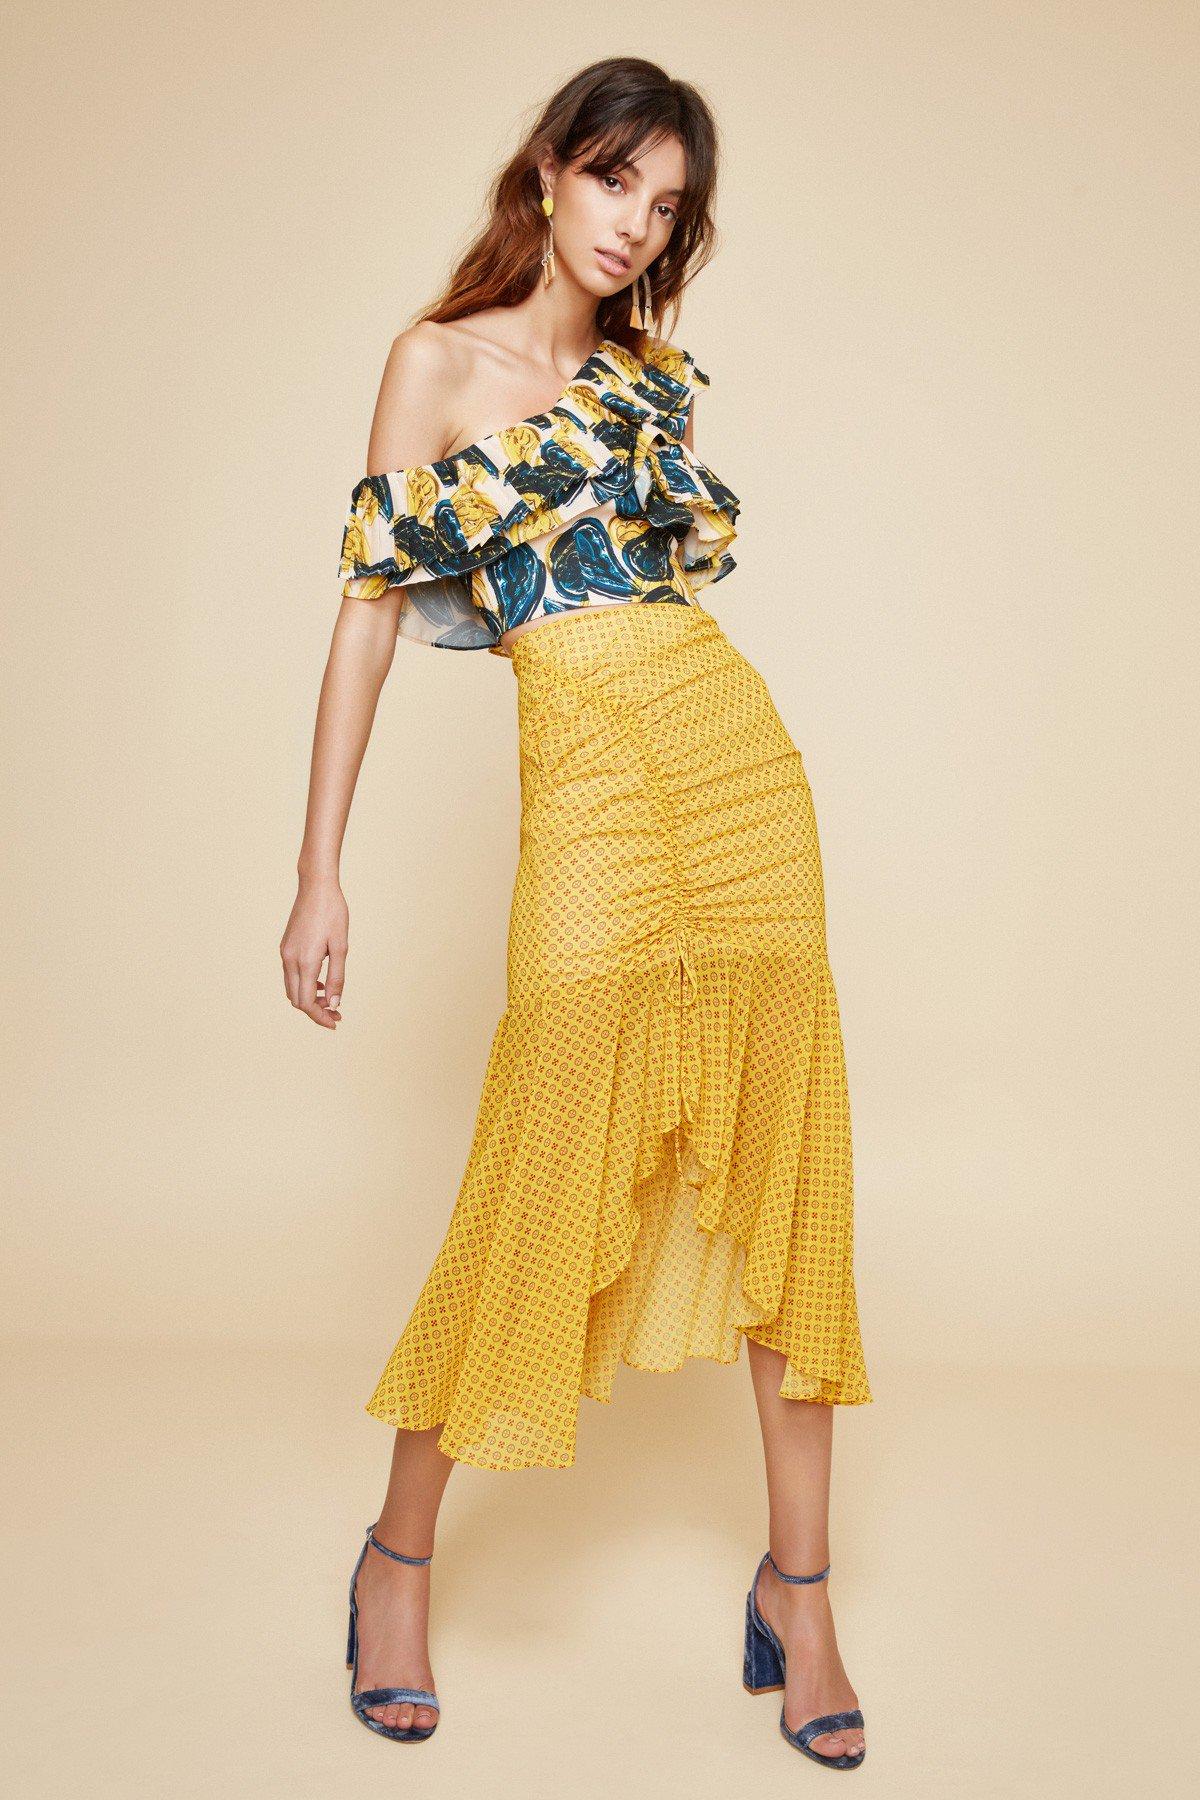 C/MEO Light Up Skirt